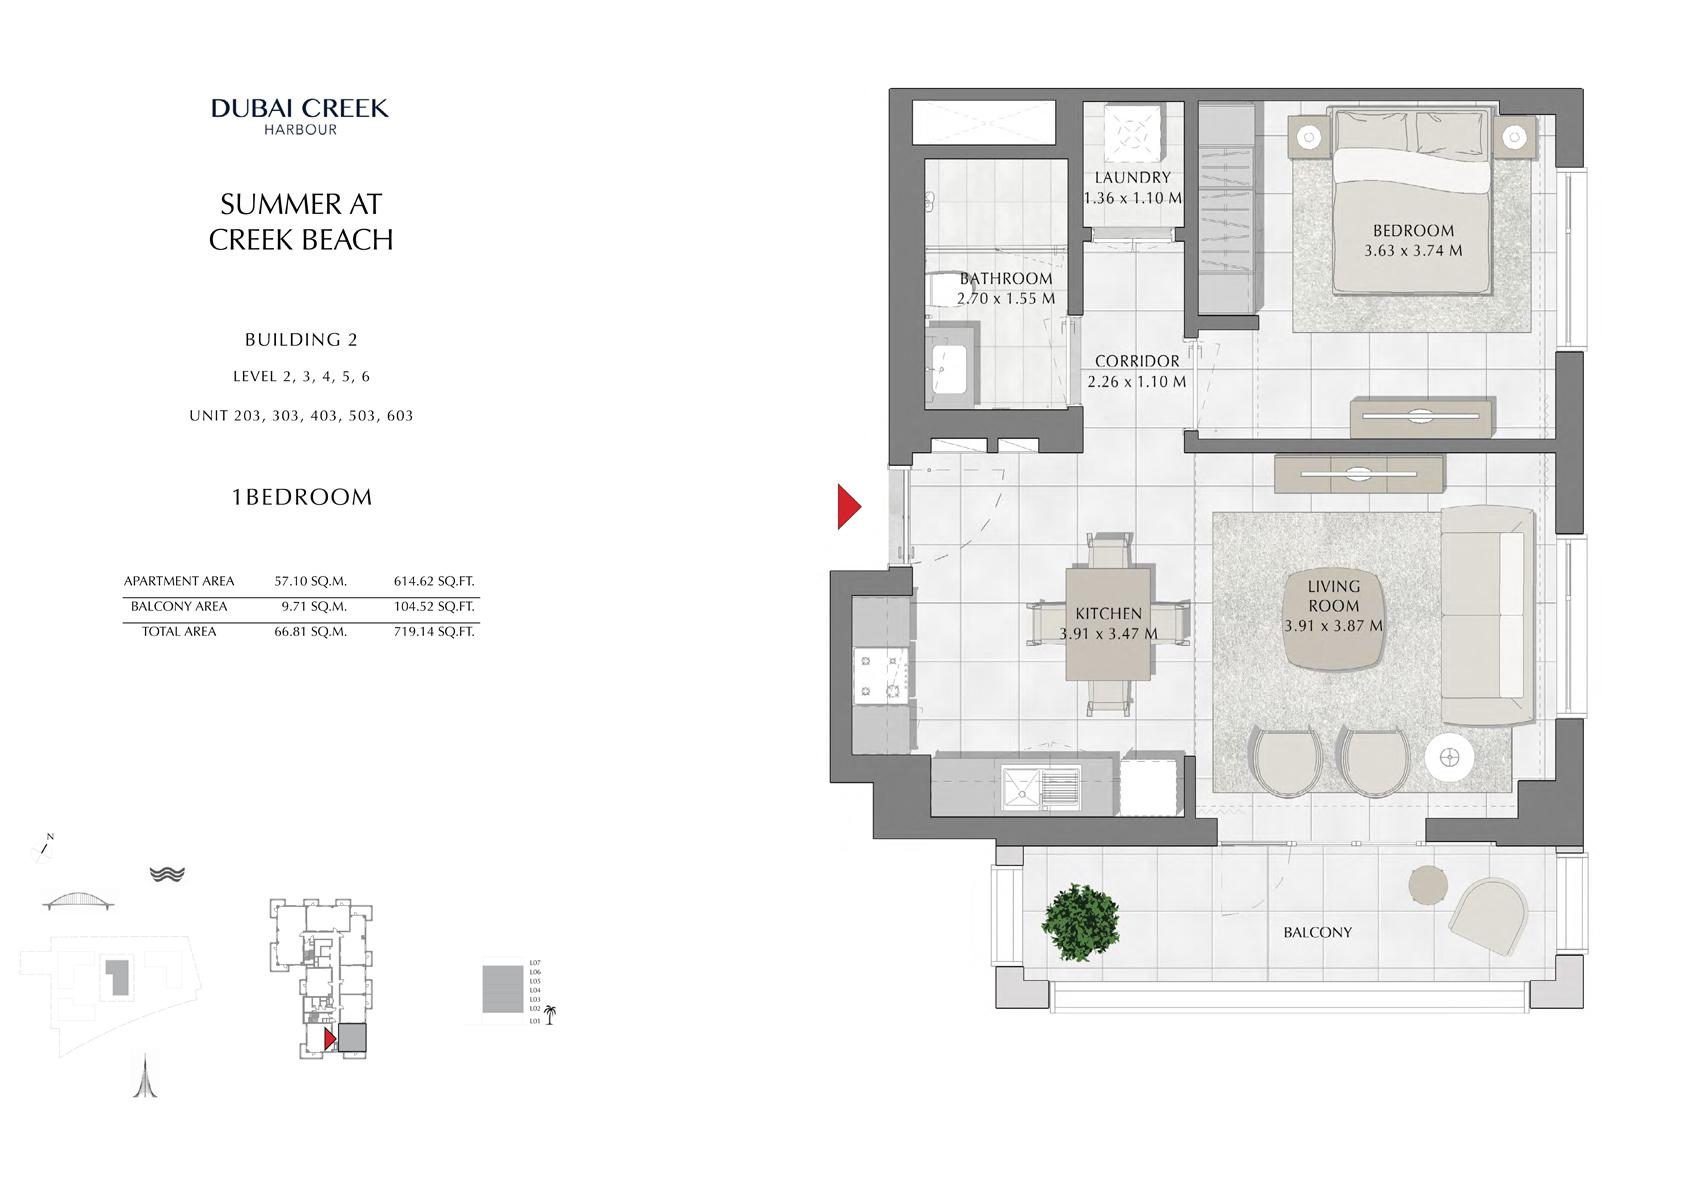 1 Br Building 2 Level-2-3-4-5-6 Unit-203-303-403-503-603, Size 719 Sq Ft